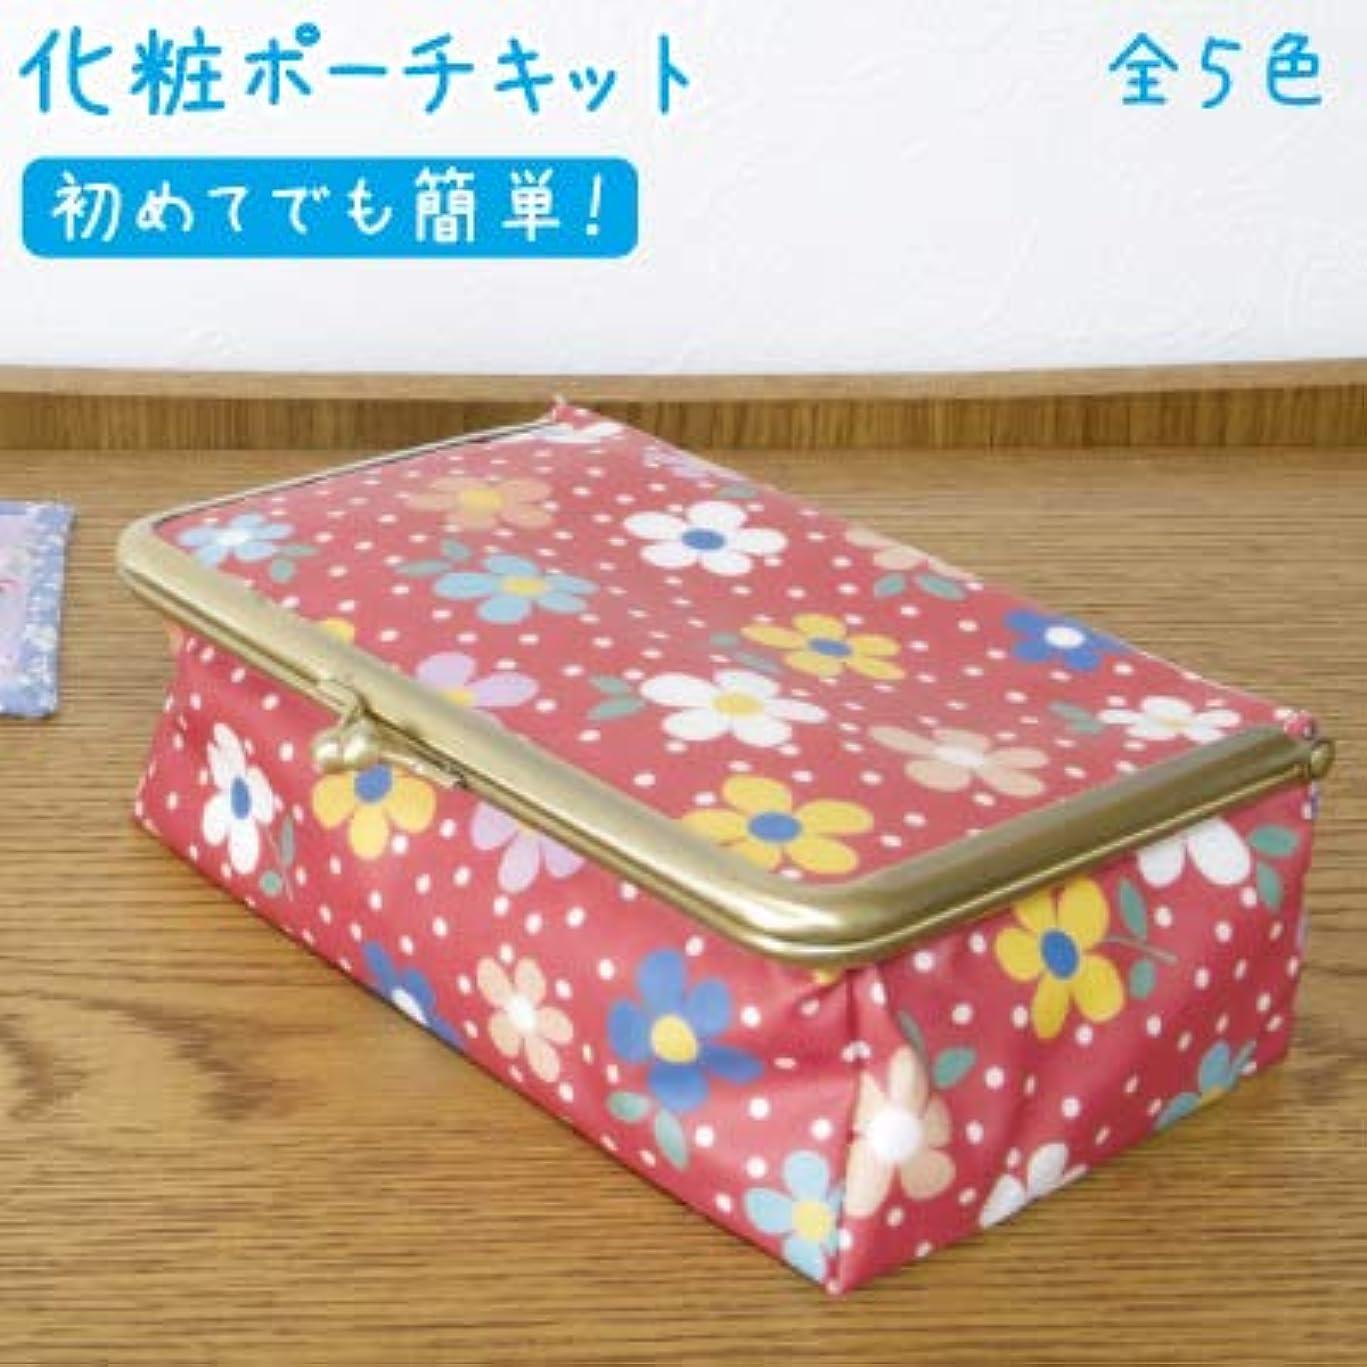 昇進まだスクランブル【INAZUMA】 がま口 化粧ポーチのキット 鏡付き CK-122AG #16ピンク×薄ピンク